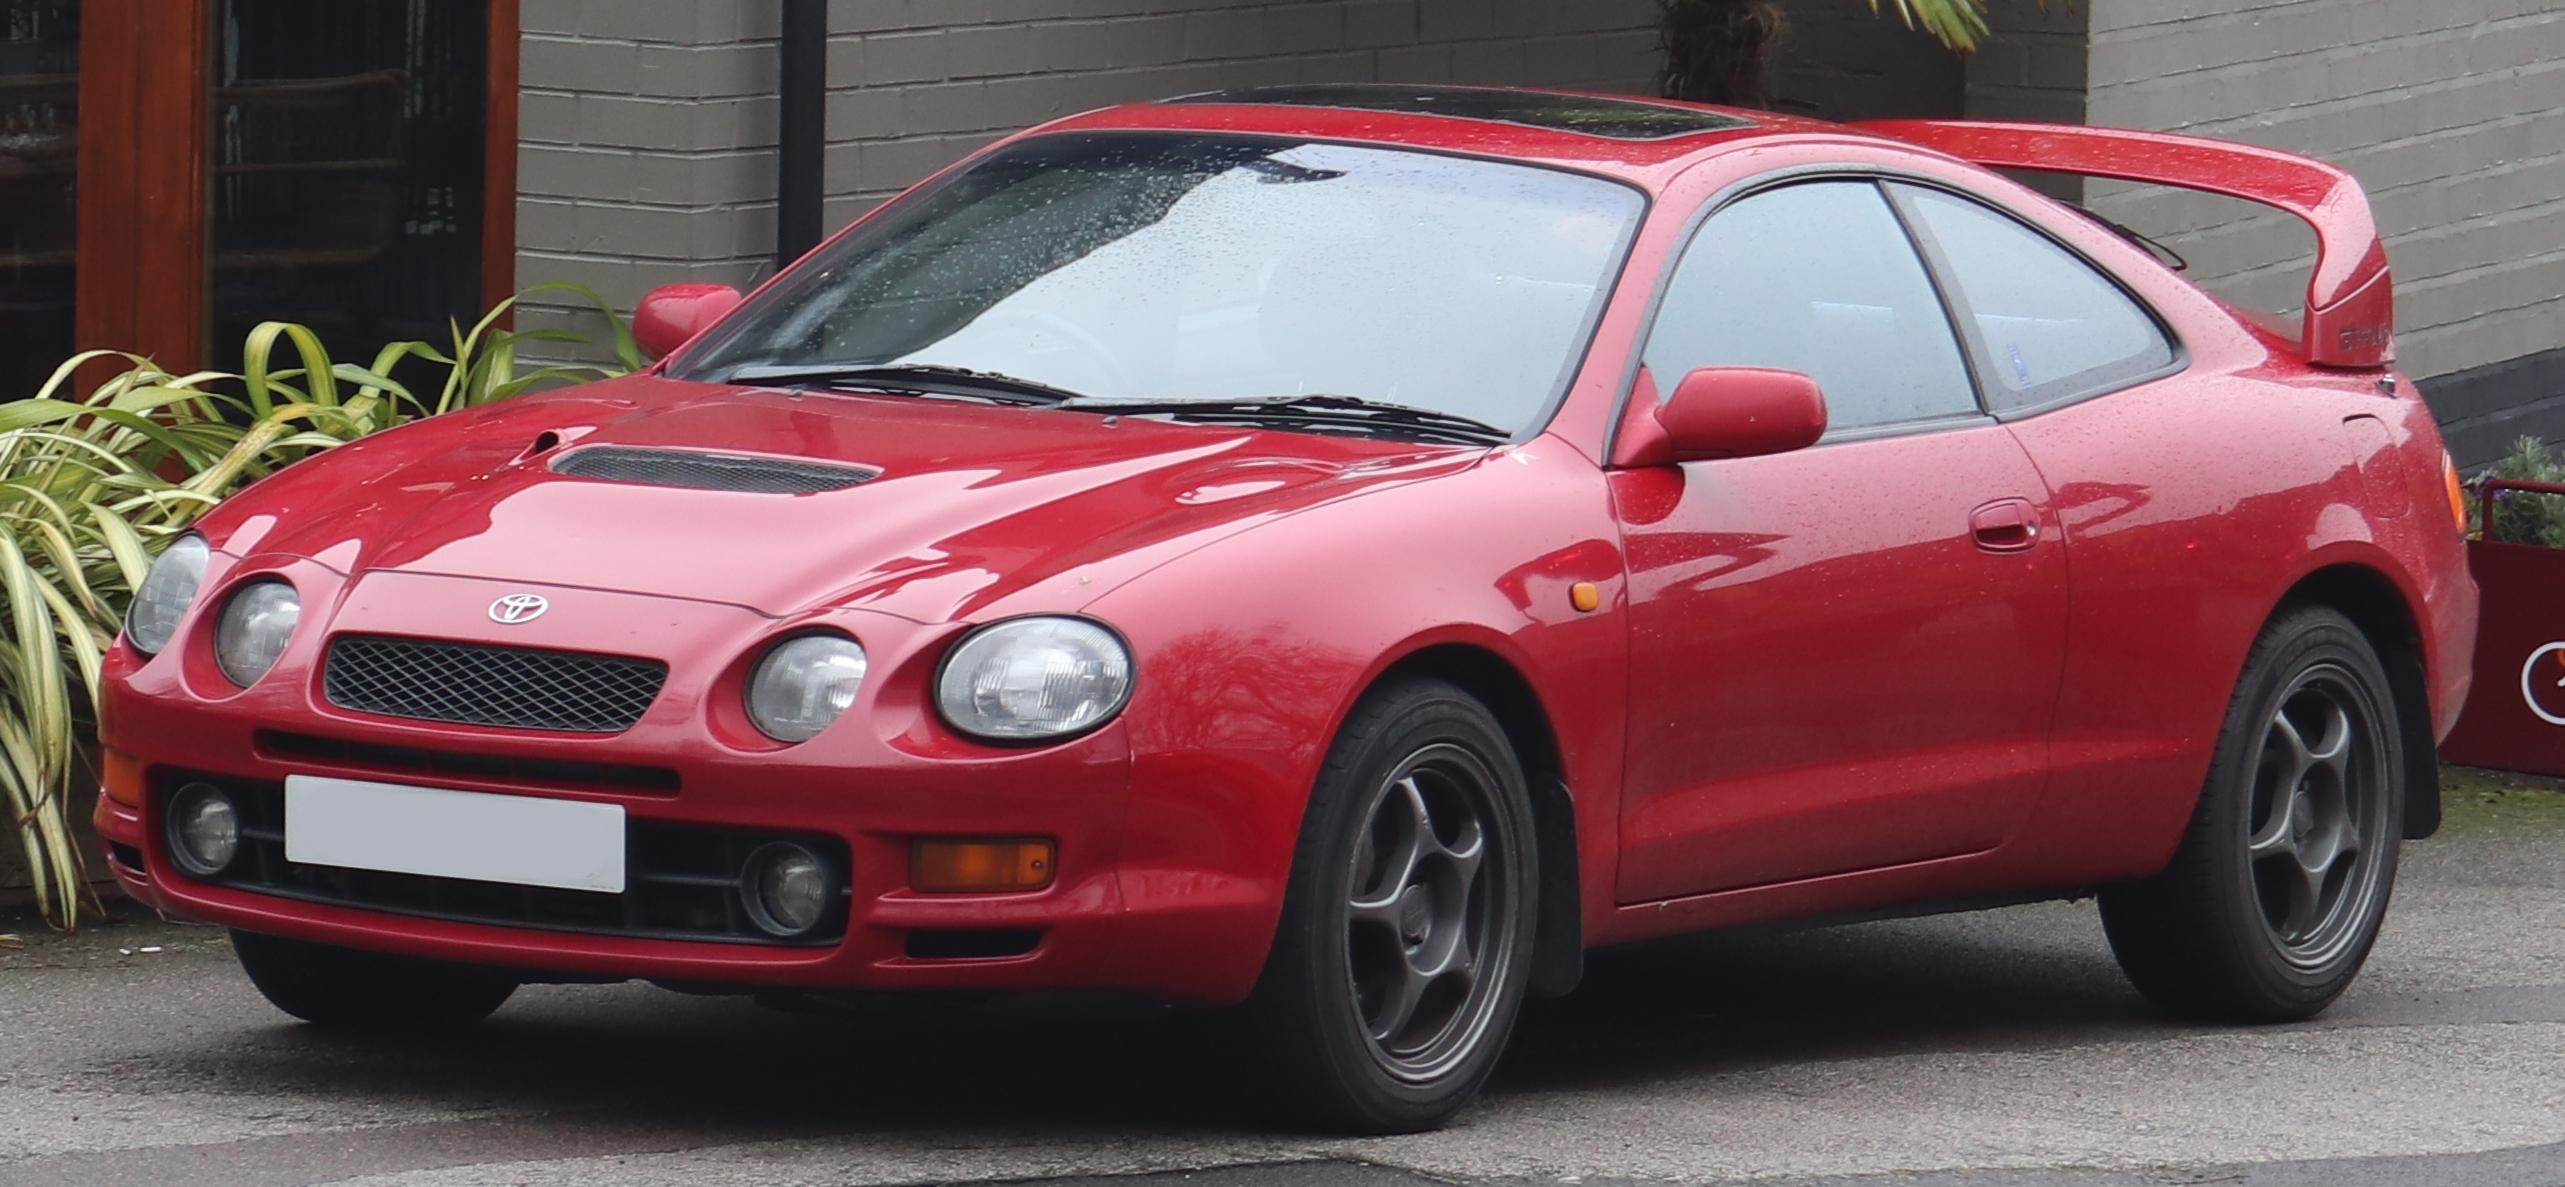 Kekurangan Toyota Celica 1994 Review